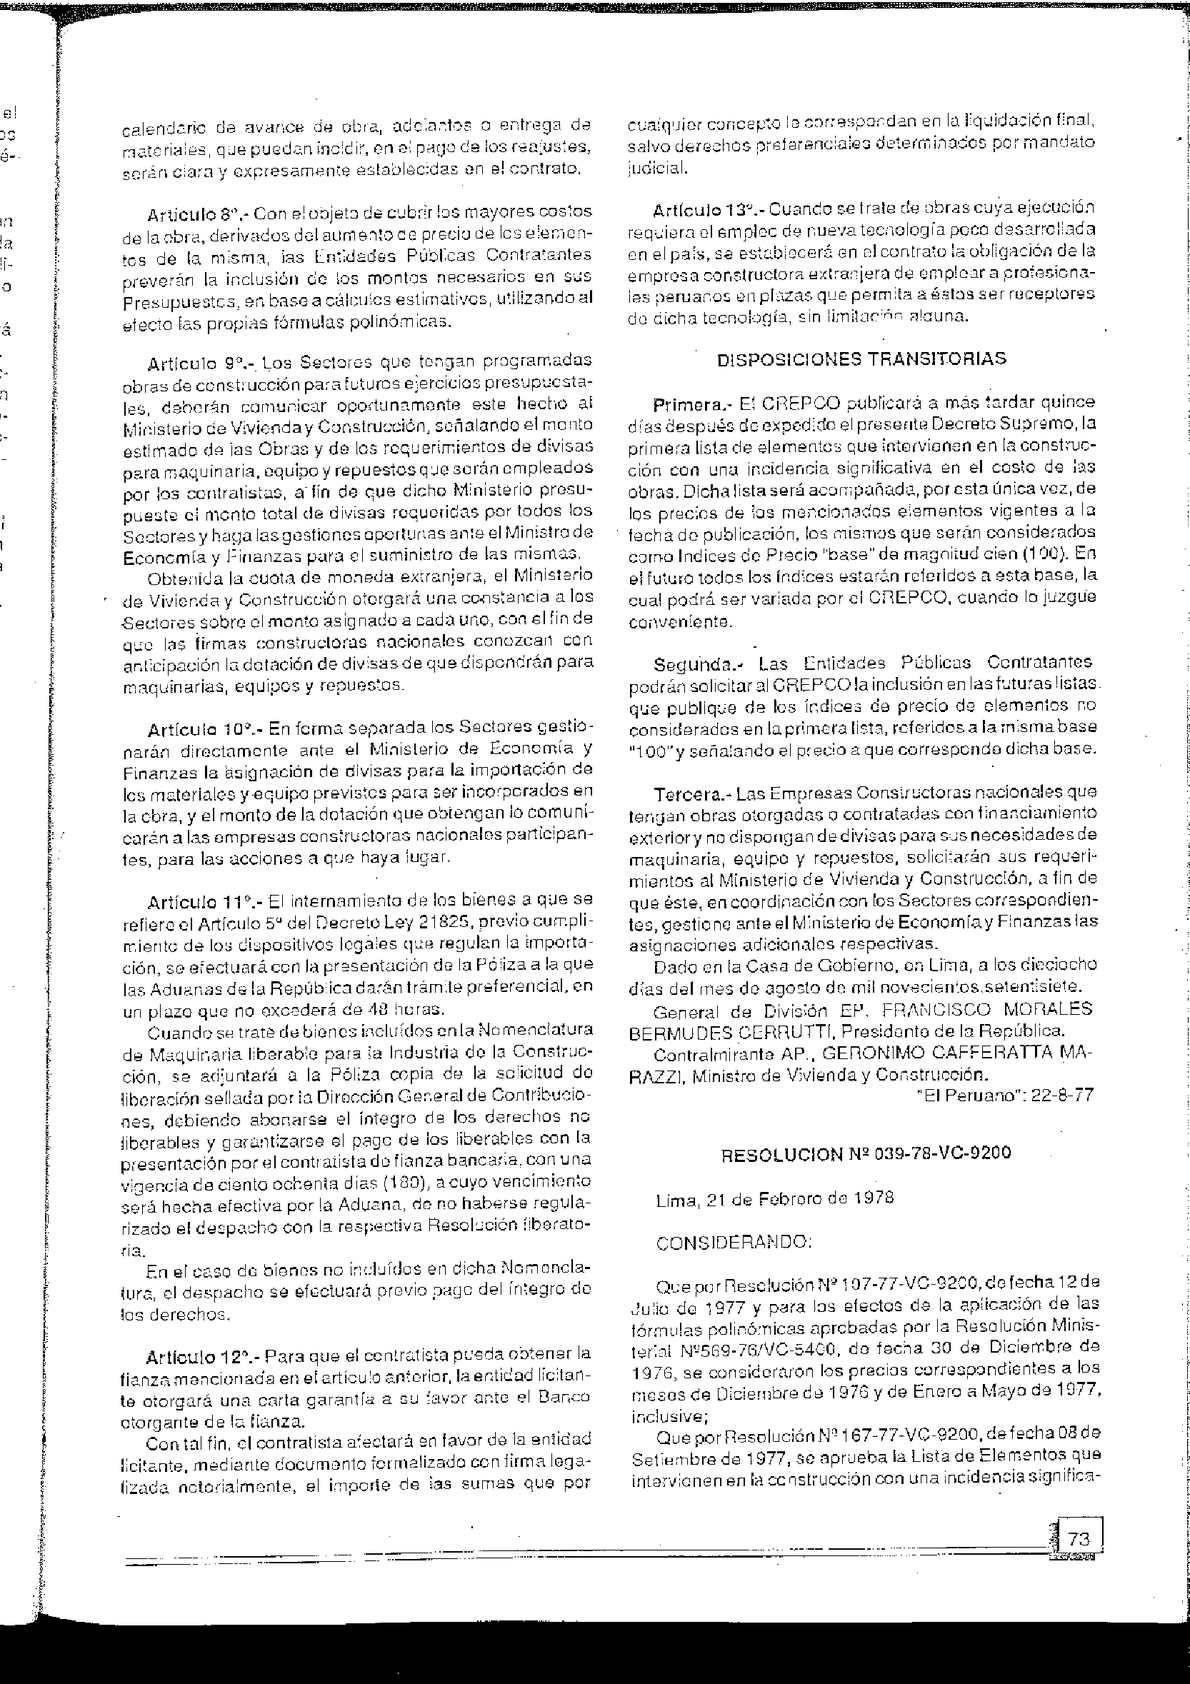 Calendario 1978.Formulas Polinomicas De Reajuste Automatico En Obras De